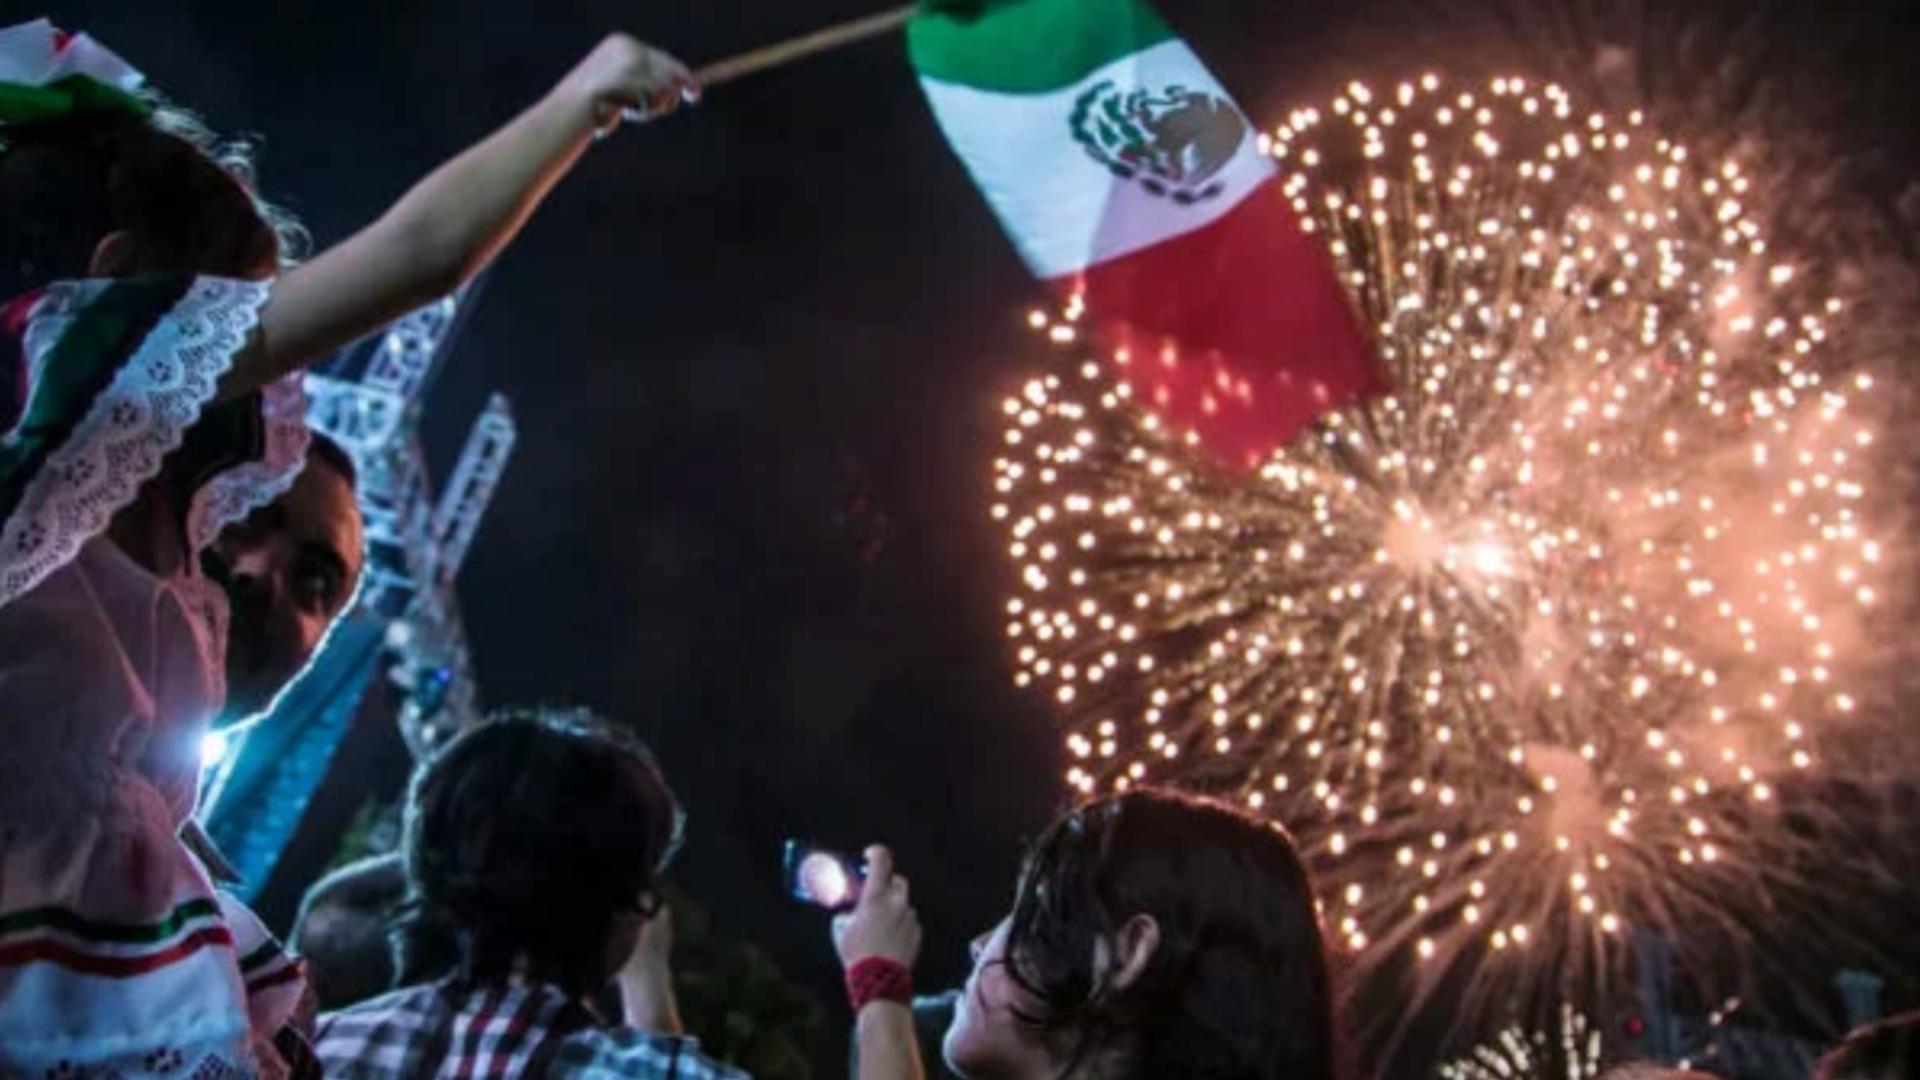 Se cancela el grito en Ecatepec, no habrá festejos patrios este año